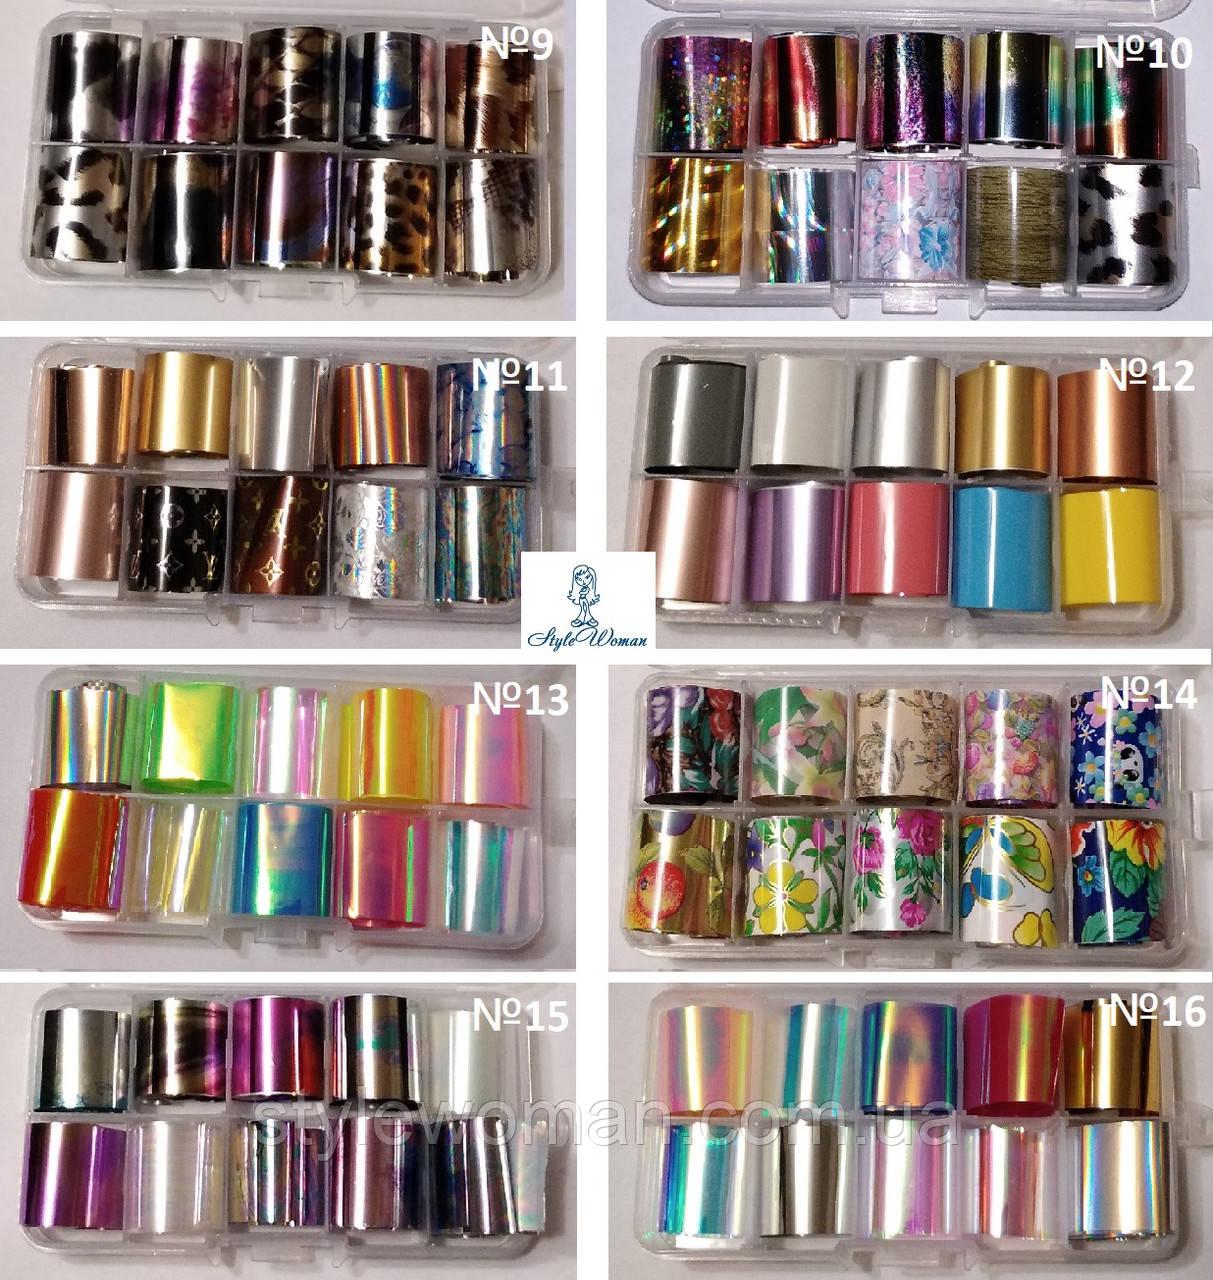 Фольга набор для литья, фольга для маникюра, декора, дизайна №9-16